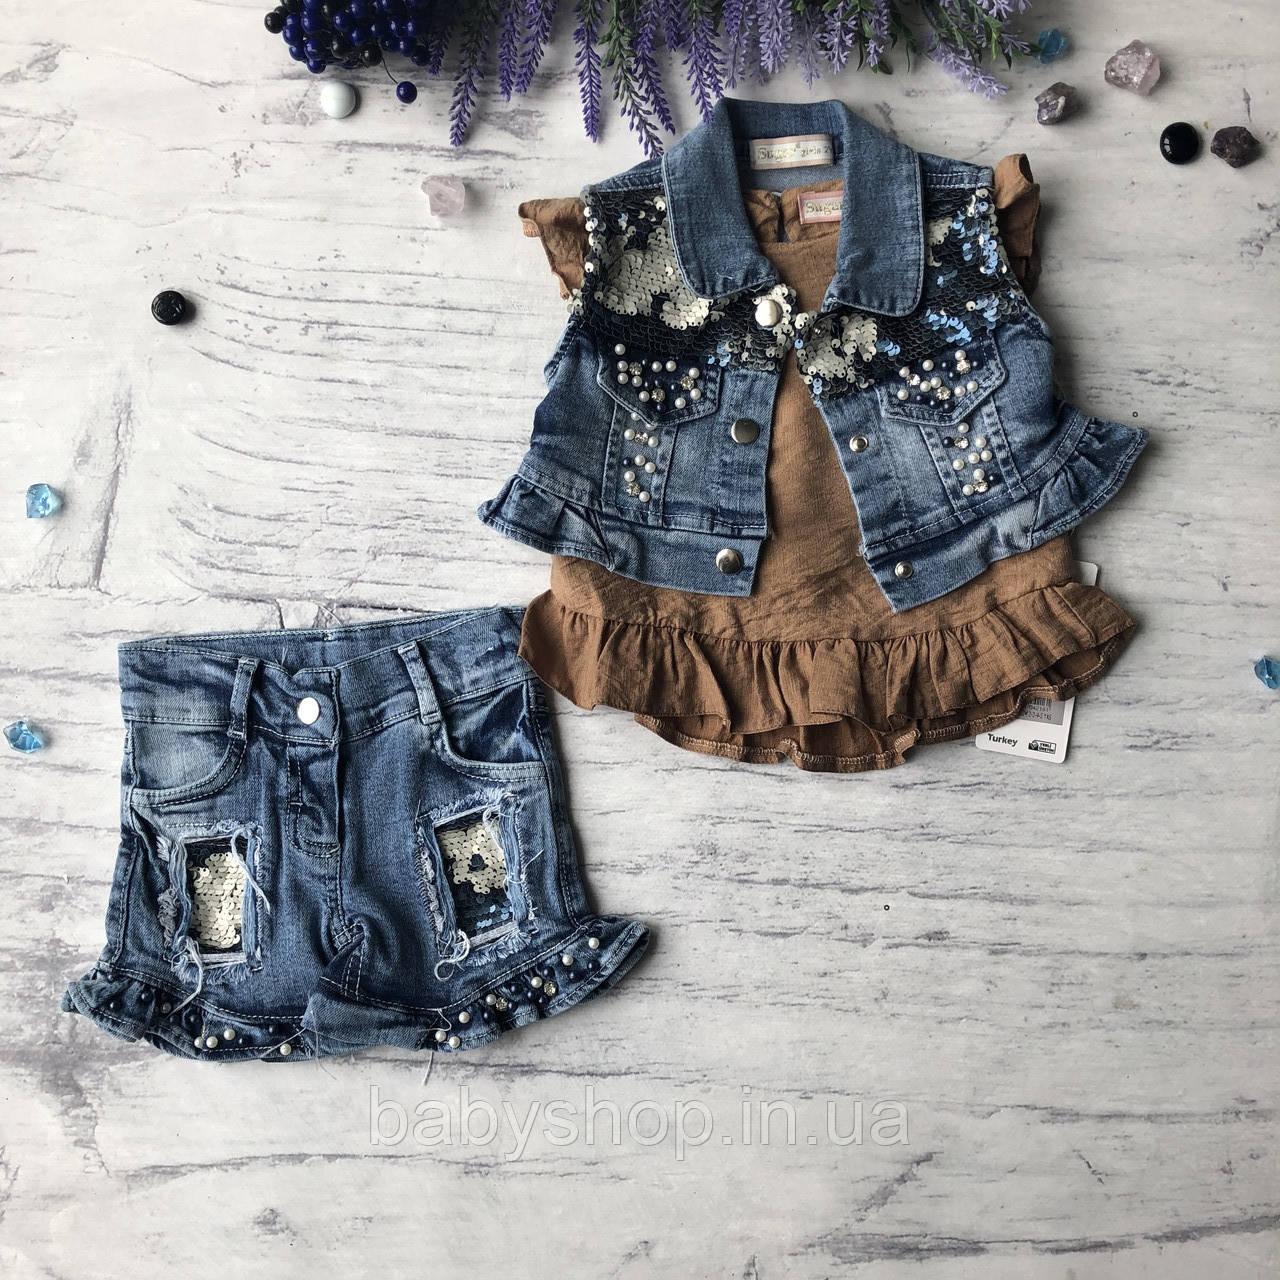 Летний джинсовый костюм на девочку 7. Размер  92 см, 104 см, 110 см